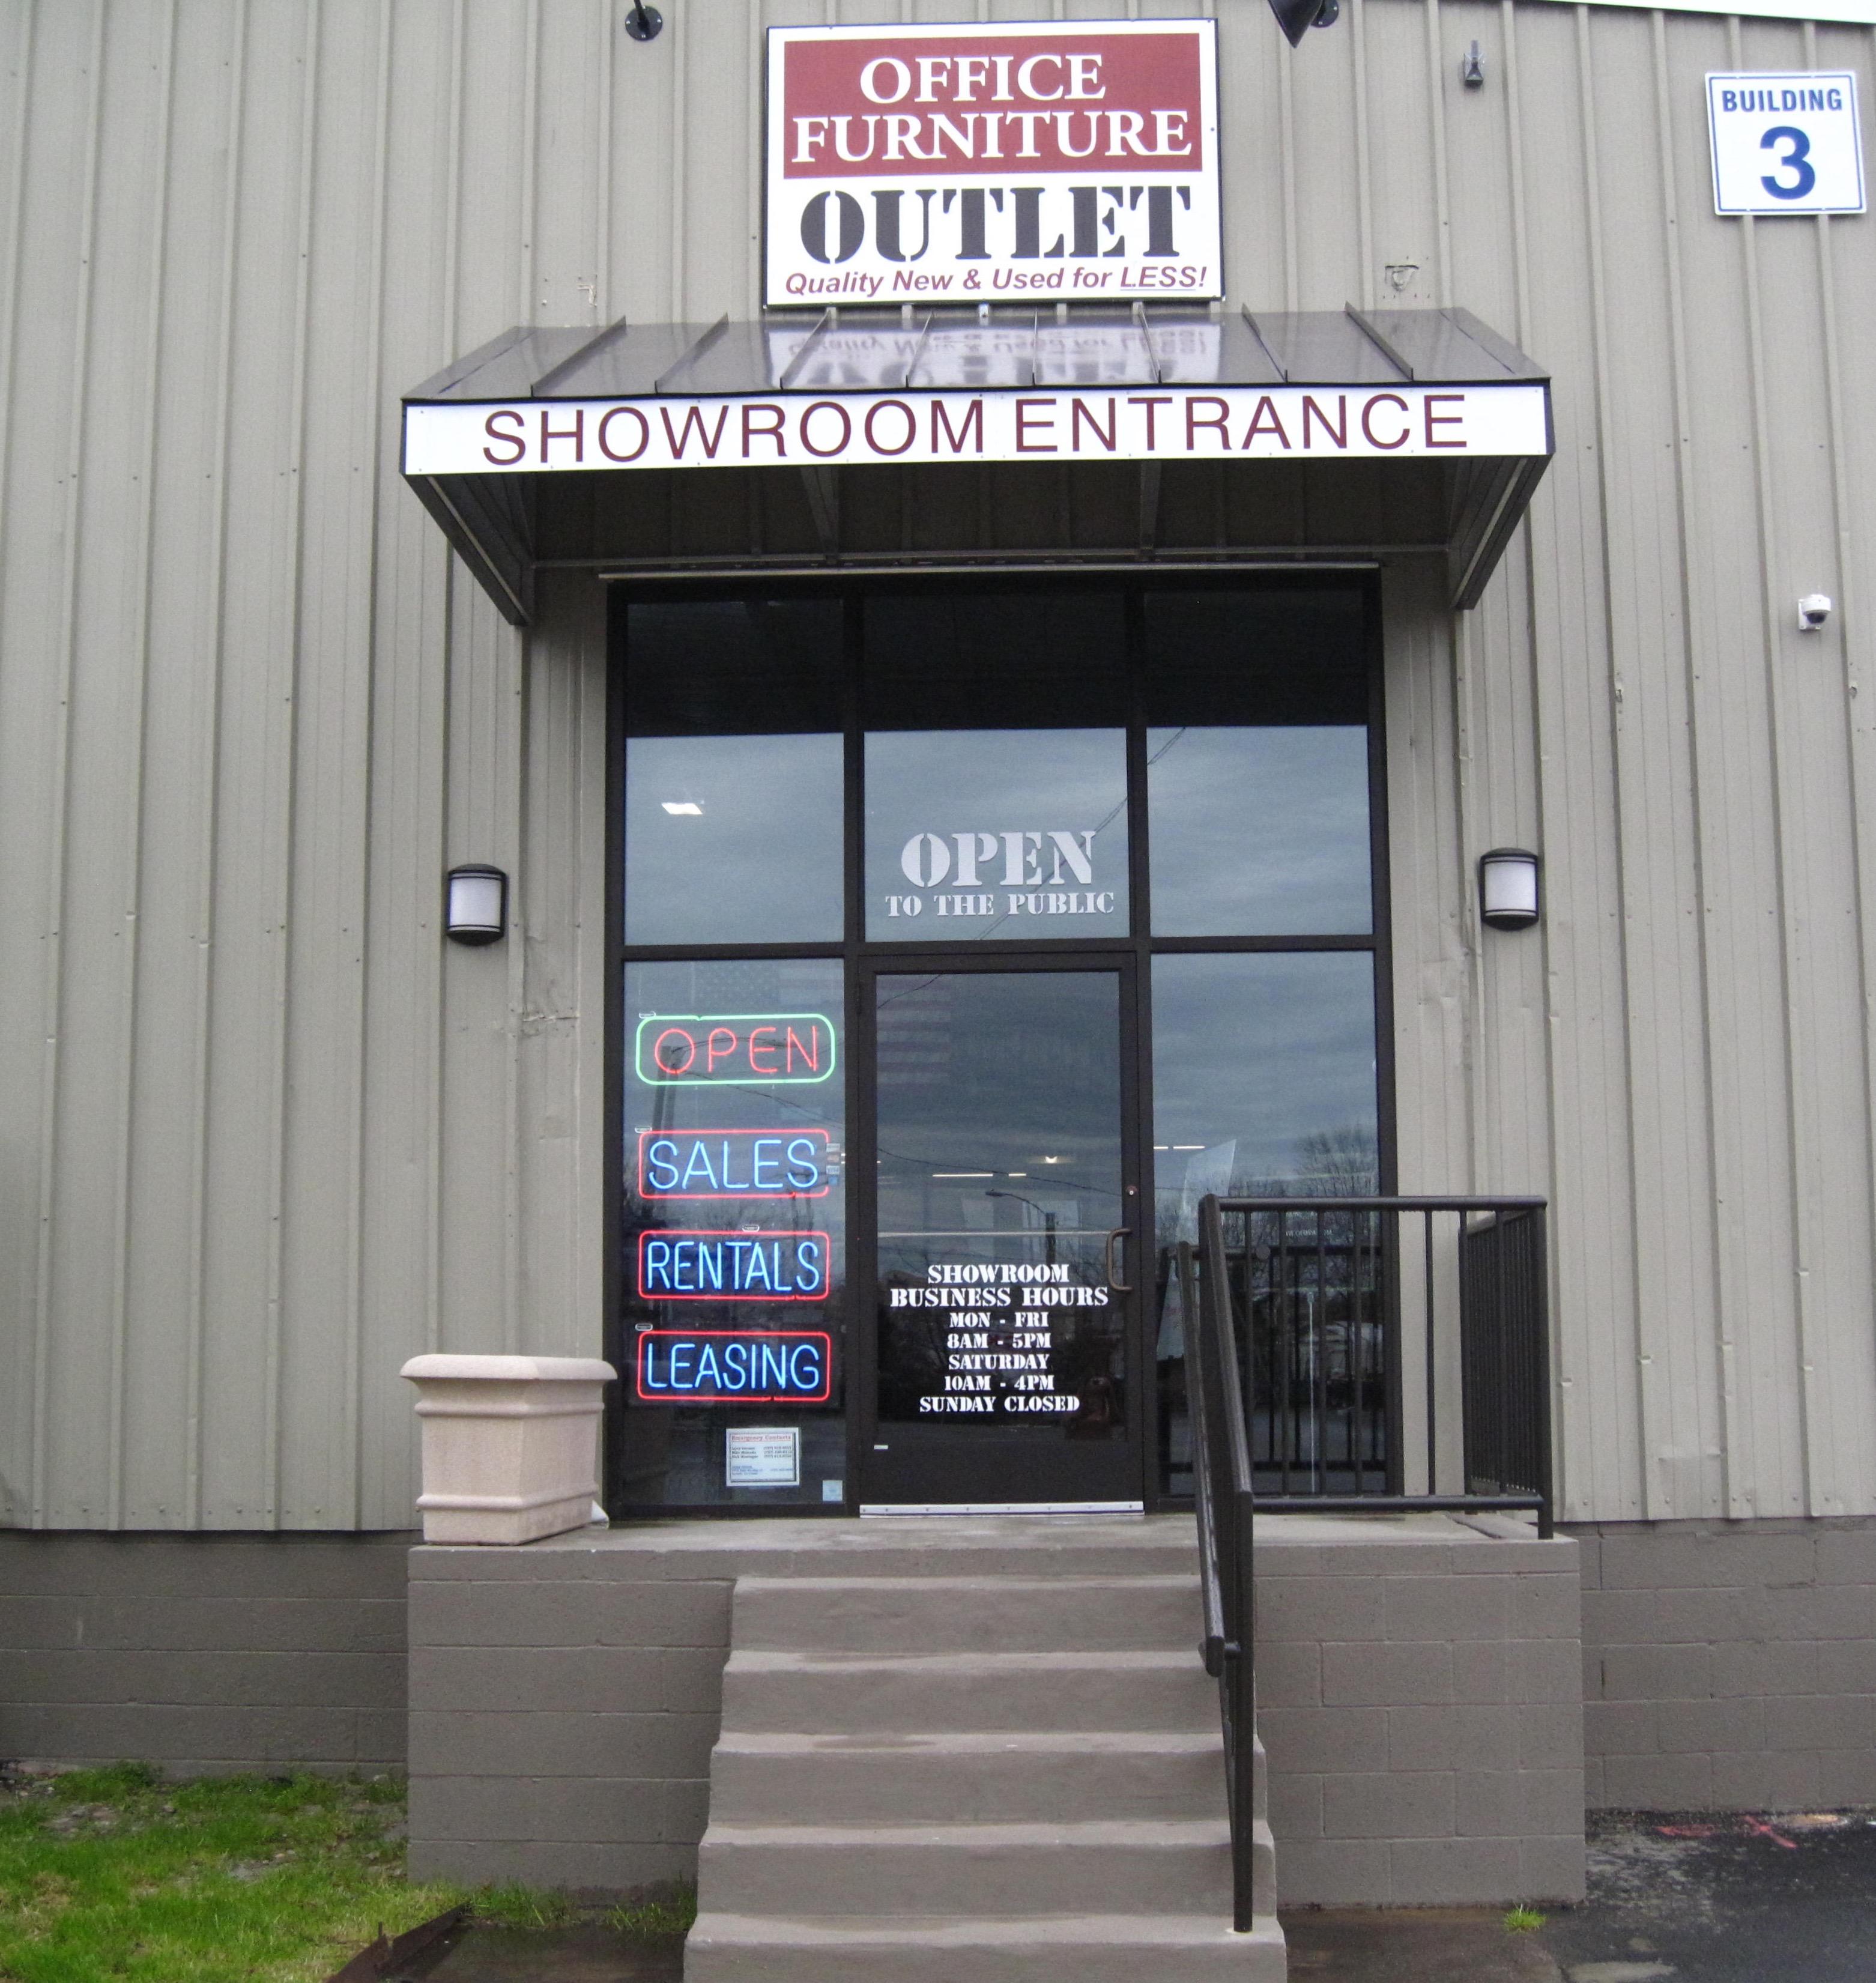 Office Furniture Outlet 5595 Raby Road Ste 3 Norfolk Va 23502 Yp Com